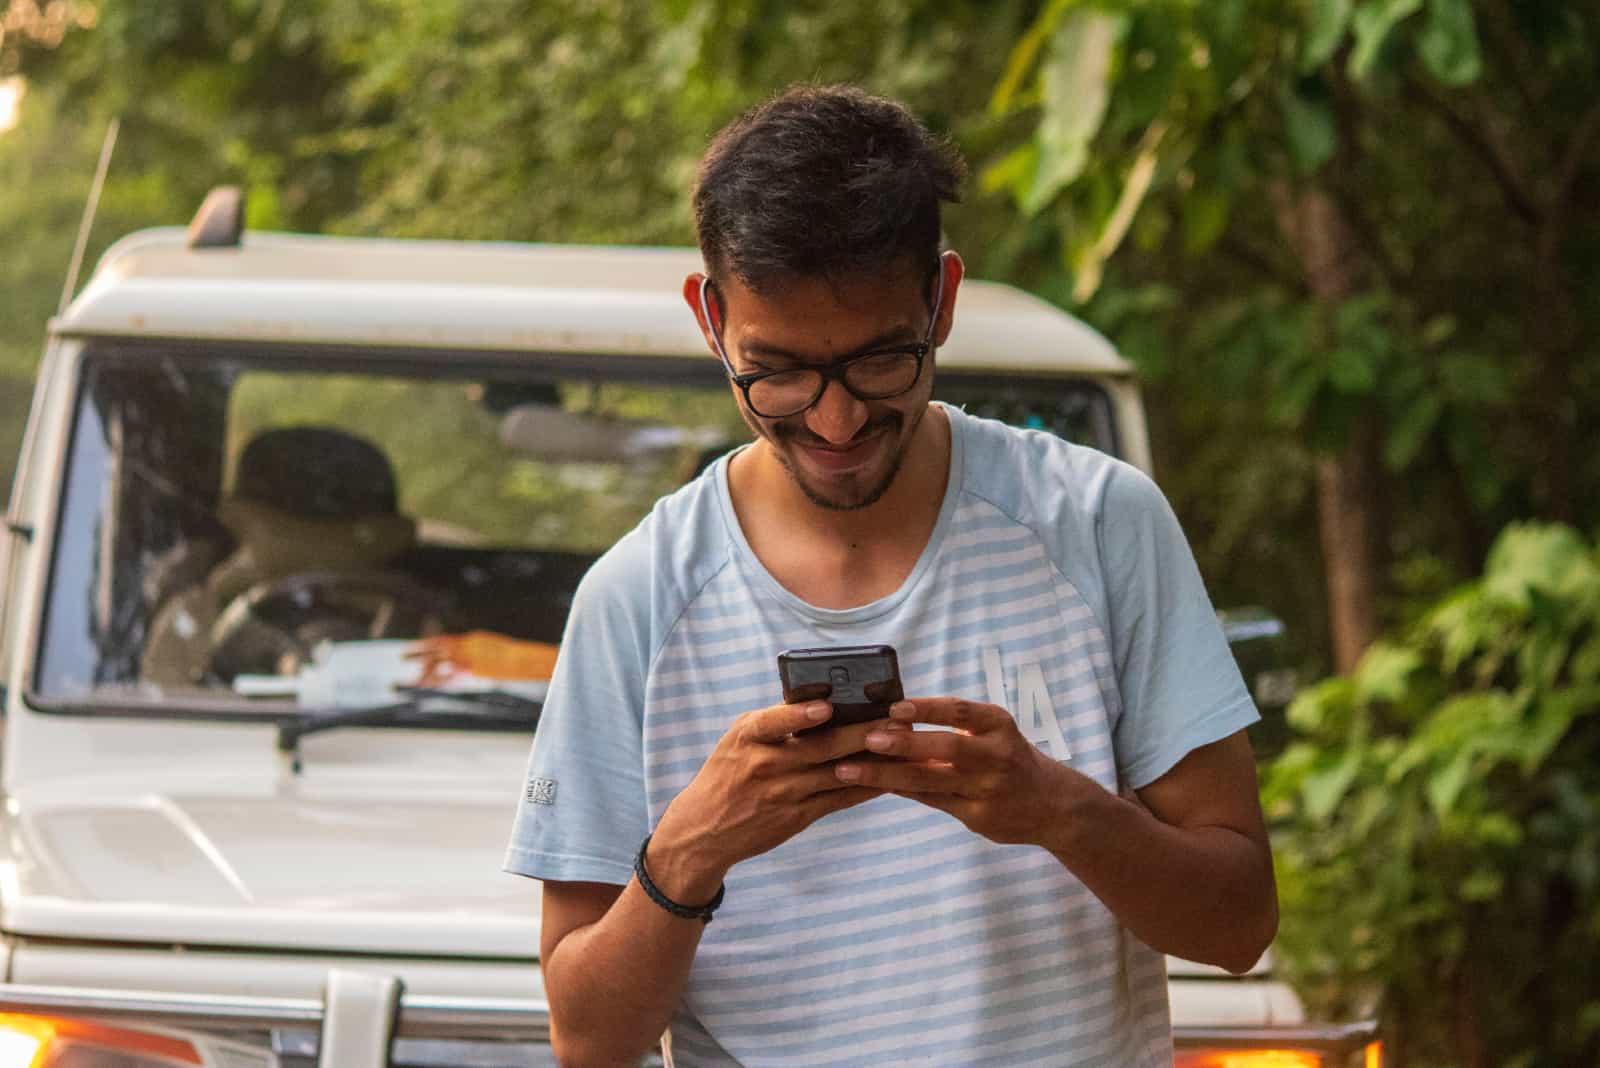 Homme heureux utilisant un smartphone tout en se tenant près d'une voiture